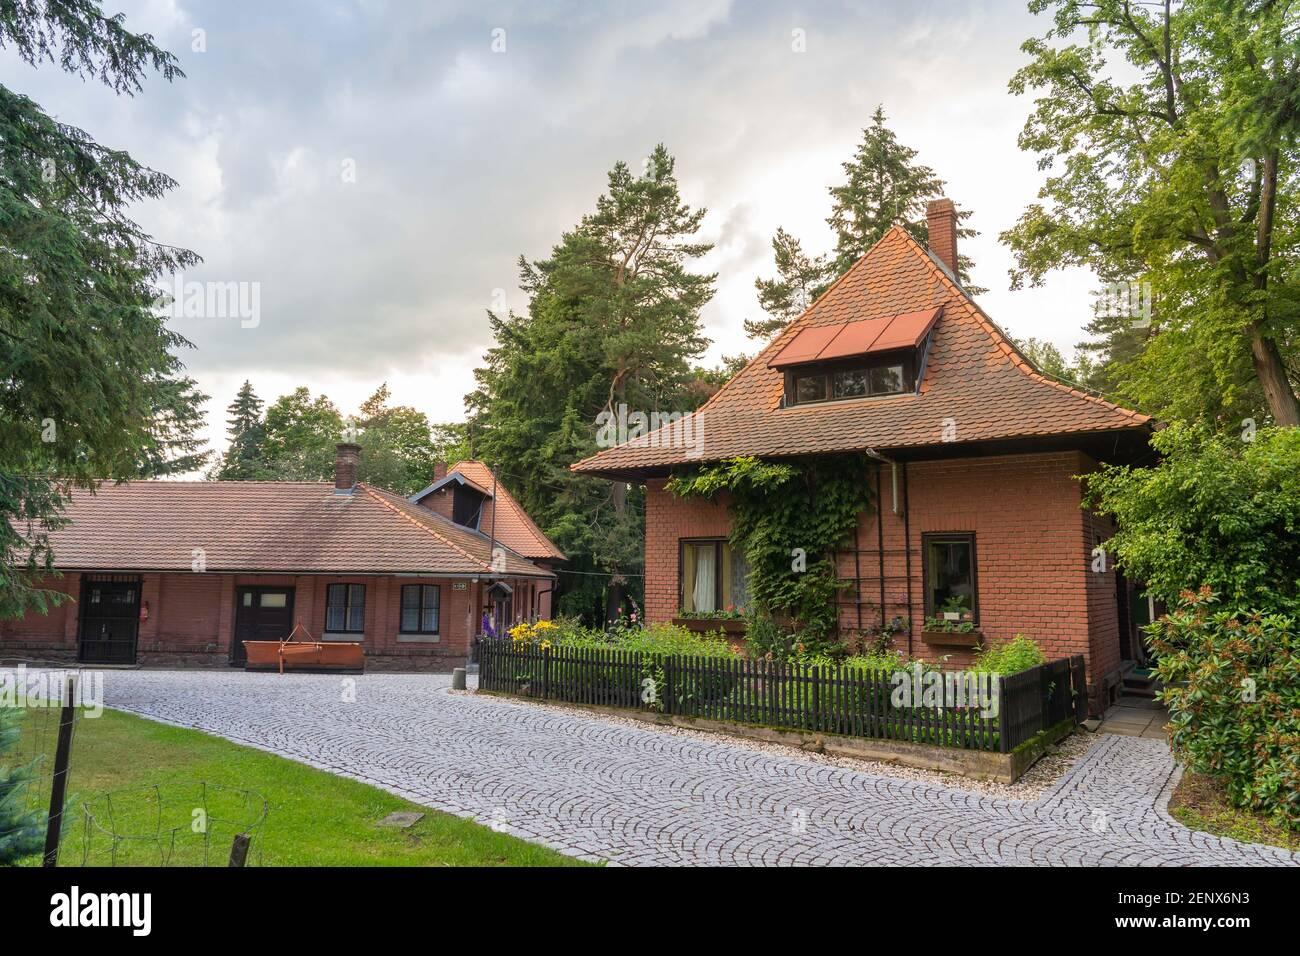 Juin 2020 Ondrejov, République Tchèque - anciens bâtiments d'observatoire Ondrejov, Tchéquie Banque D'Images